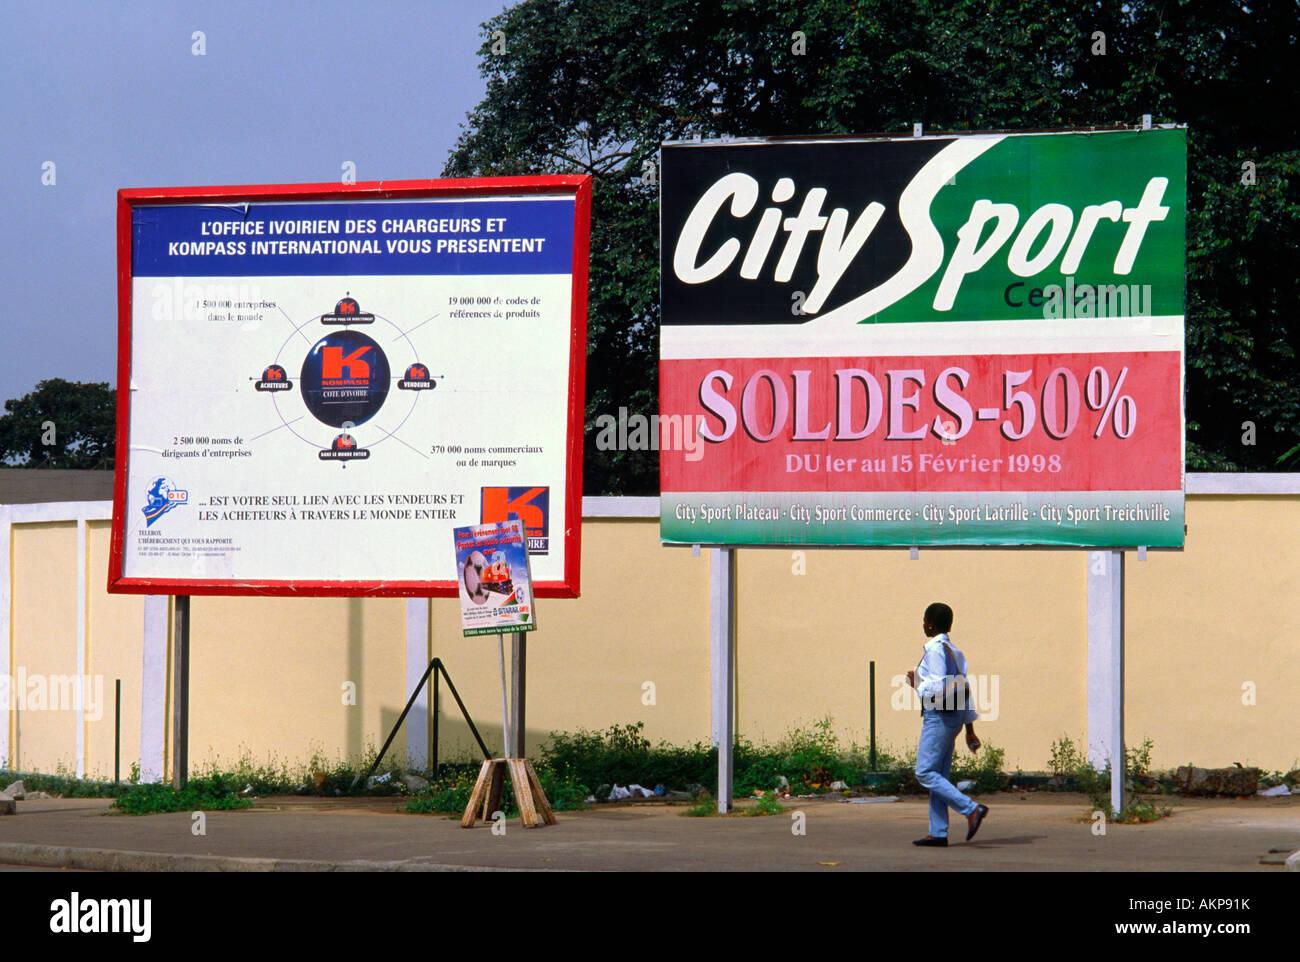 Les panneaux publicitaires Abidjan Côte d'Ivoire Banque D